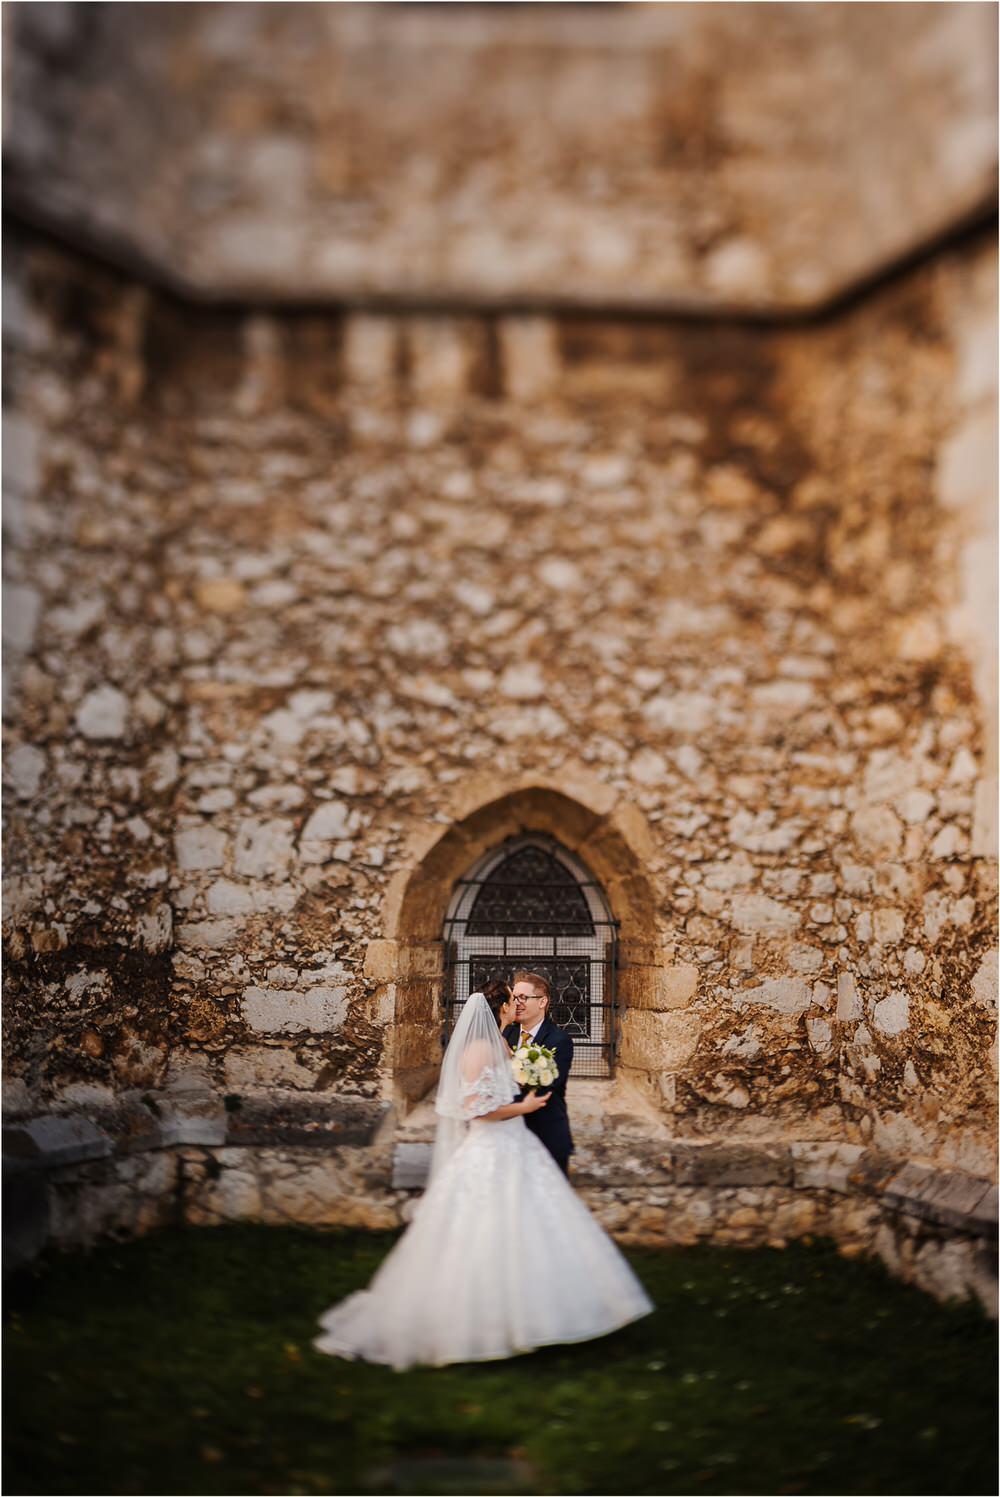 tri lučke poroka poročni fotograf fotografiranje intimna poroka zaroka krško posavje dolenjska novo mesto nika grega rustikalna romantična vintage wedding slovenia photography 0048.jpg